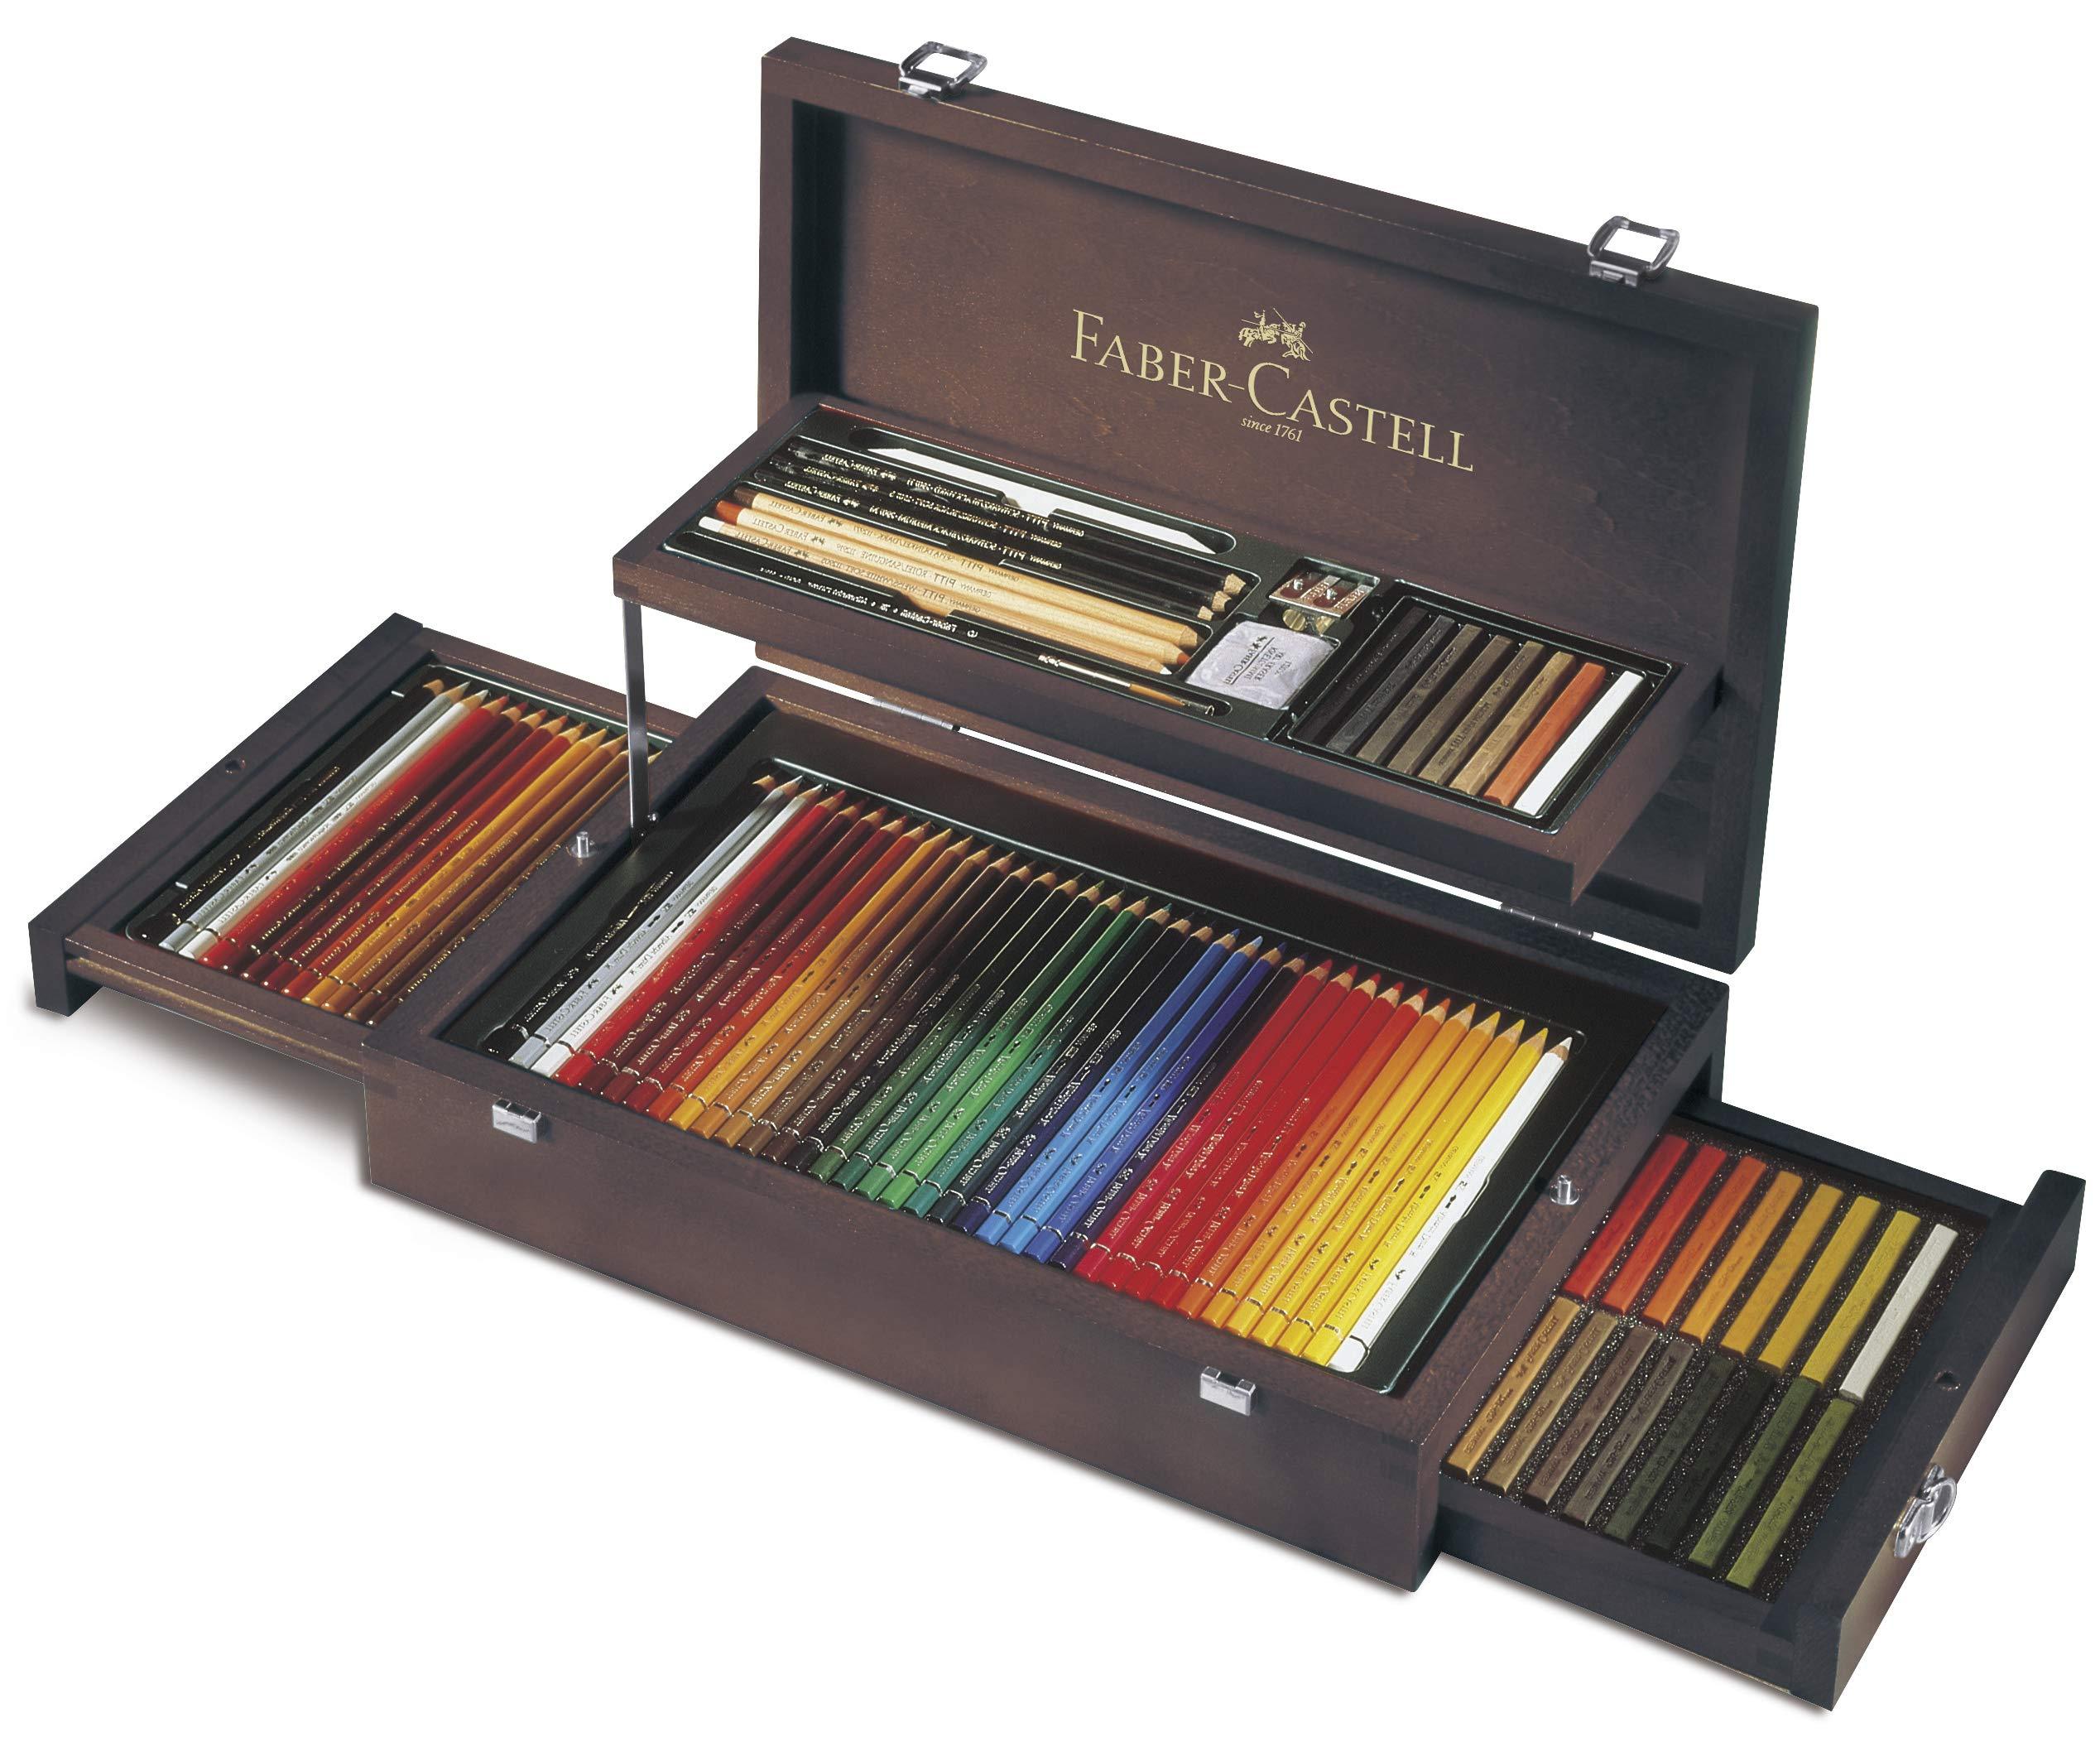 Faber-Castell 110088 – Estuche de madera de 24 piezas con equipo básico de las 3 gamas, ecolápices polychromos, tizas, grafitos y accesorios